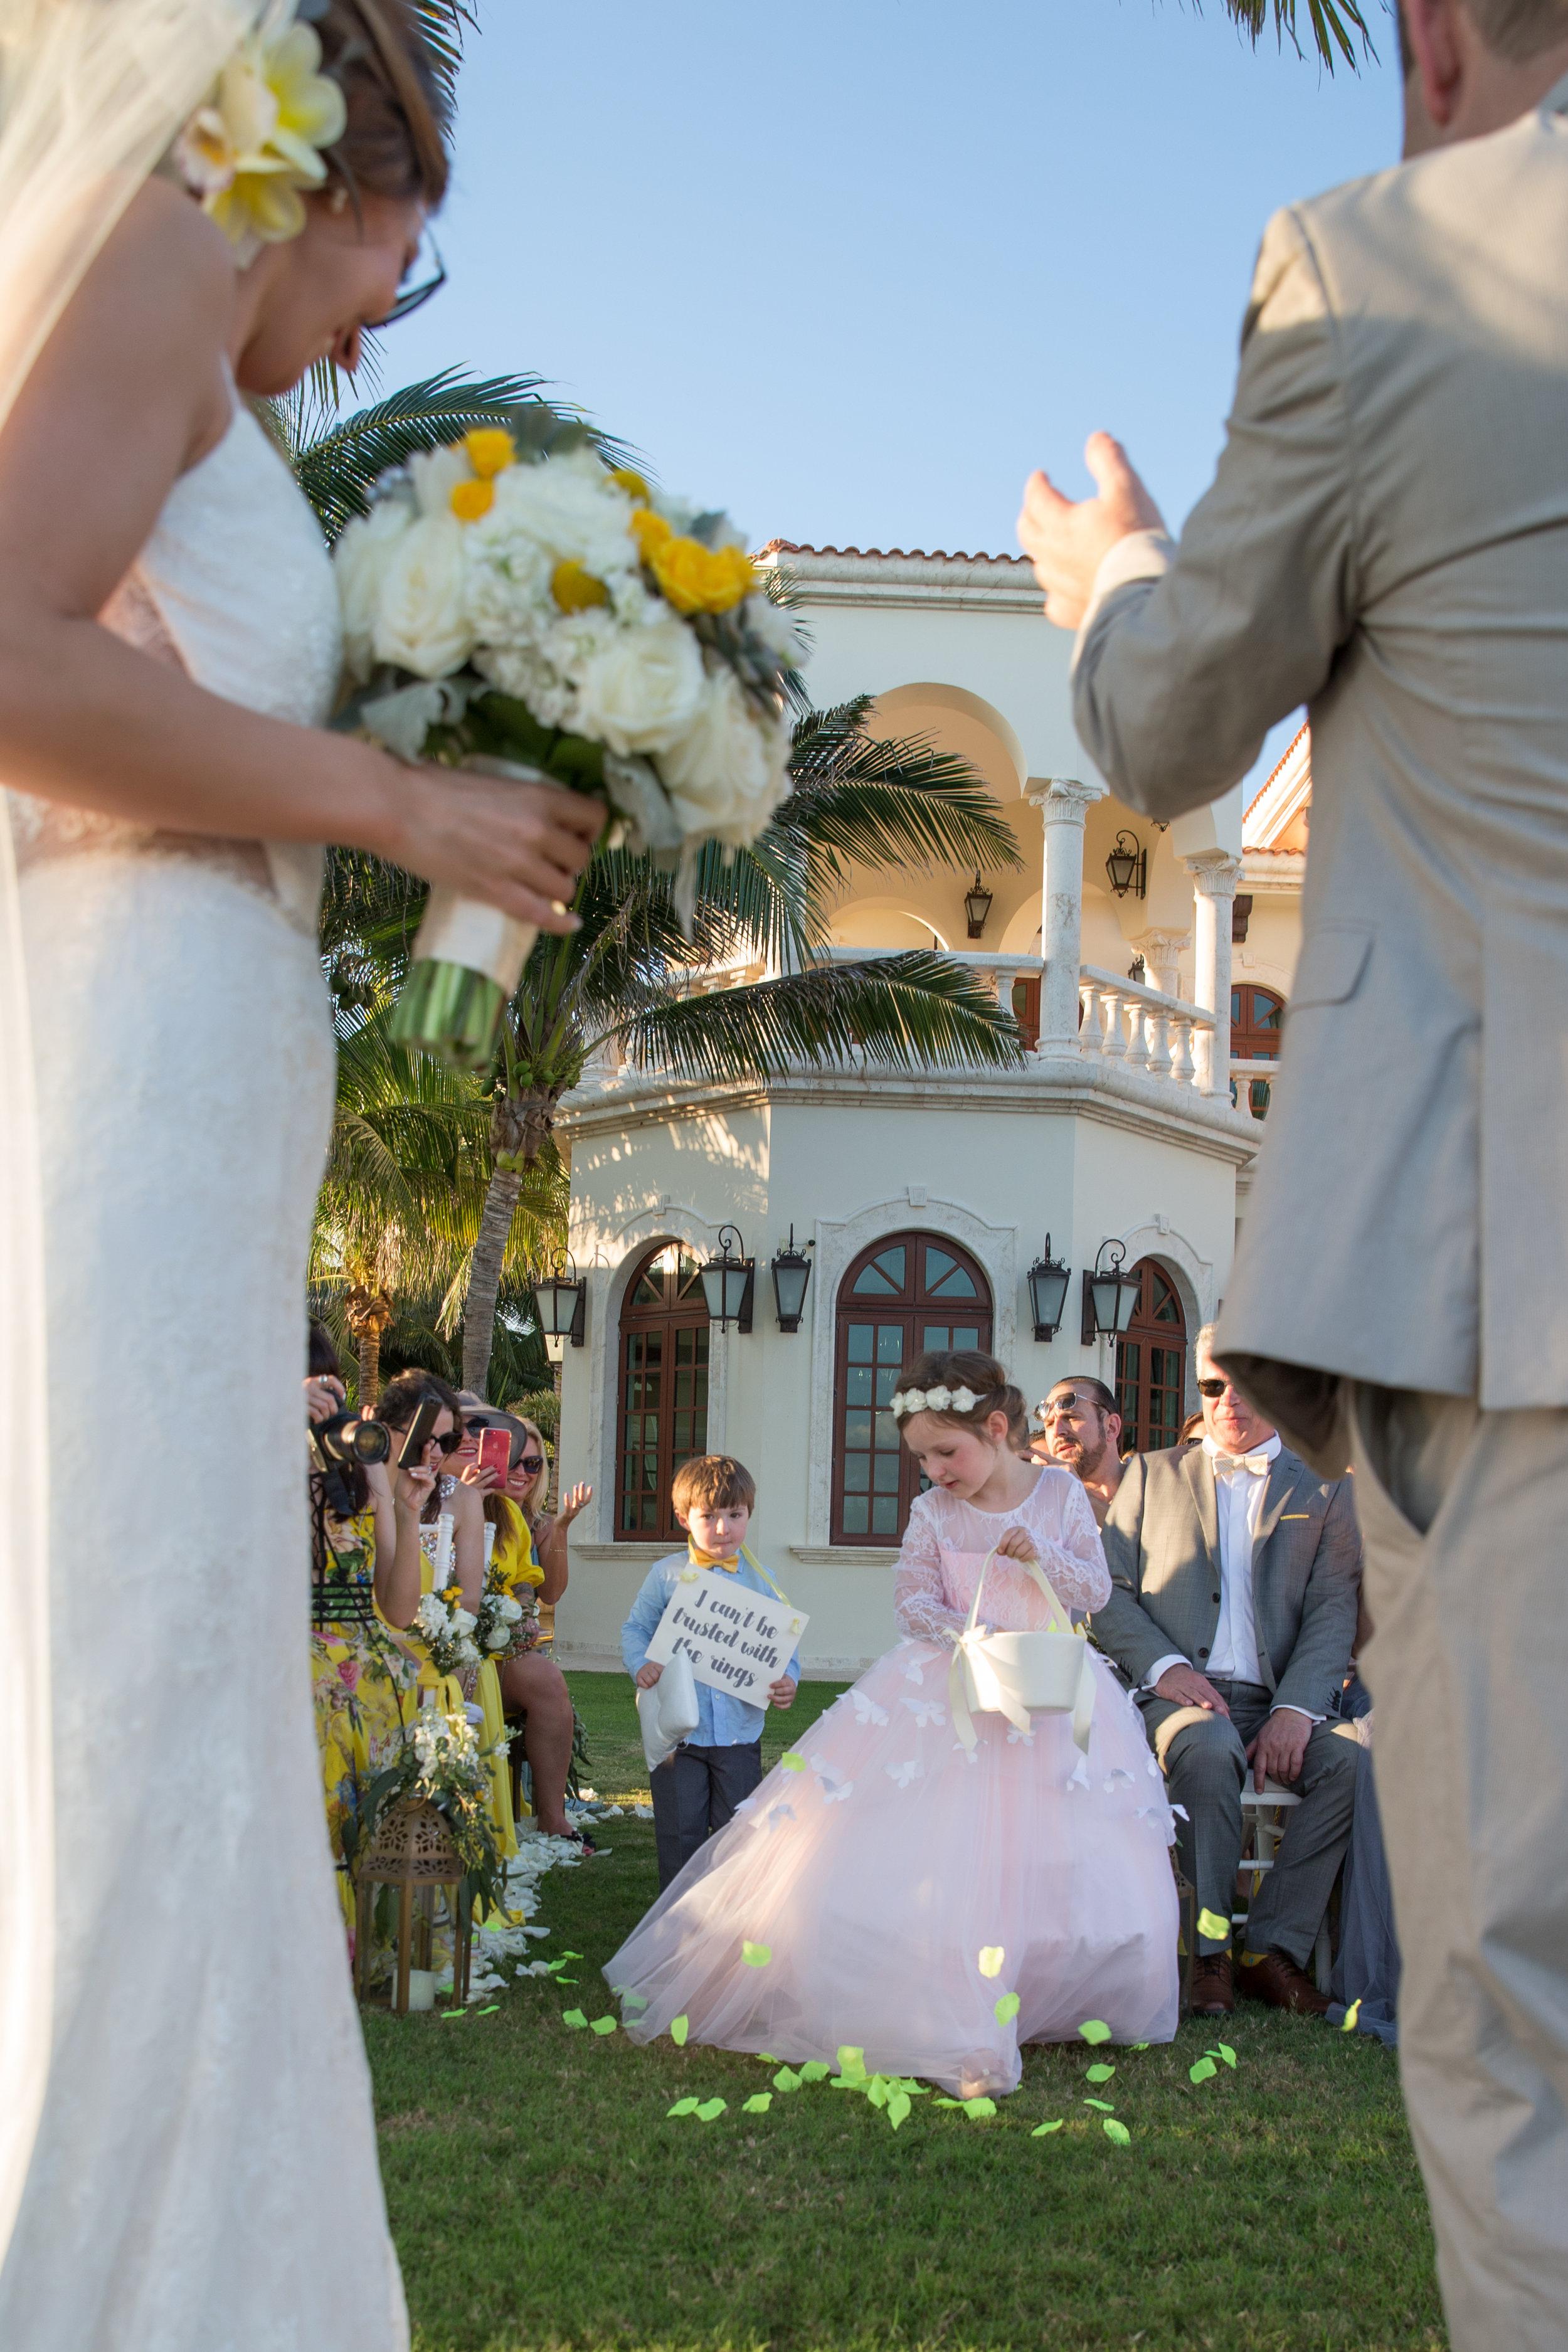 destination-wedding-venue-villa-la-joya-34.jpg